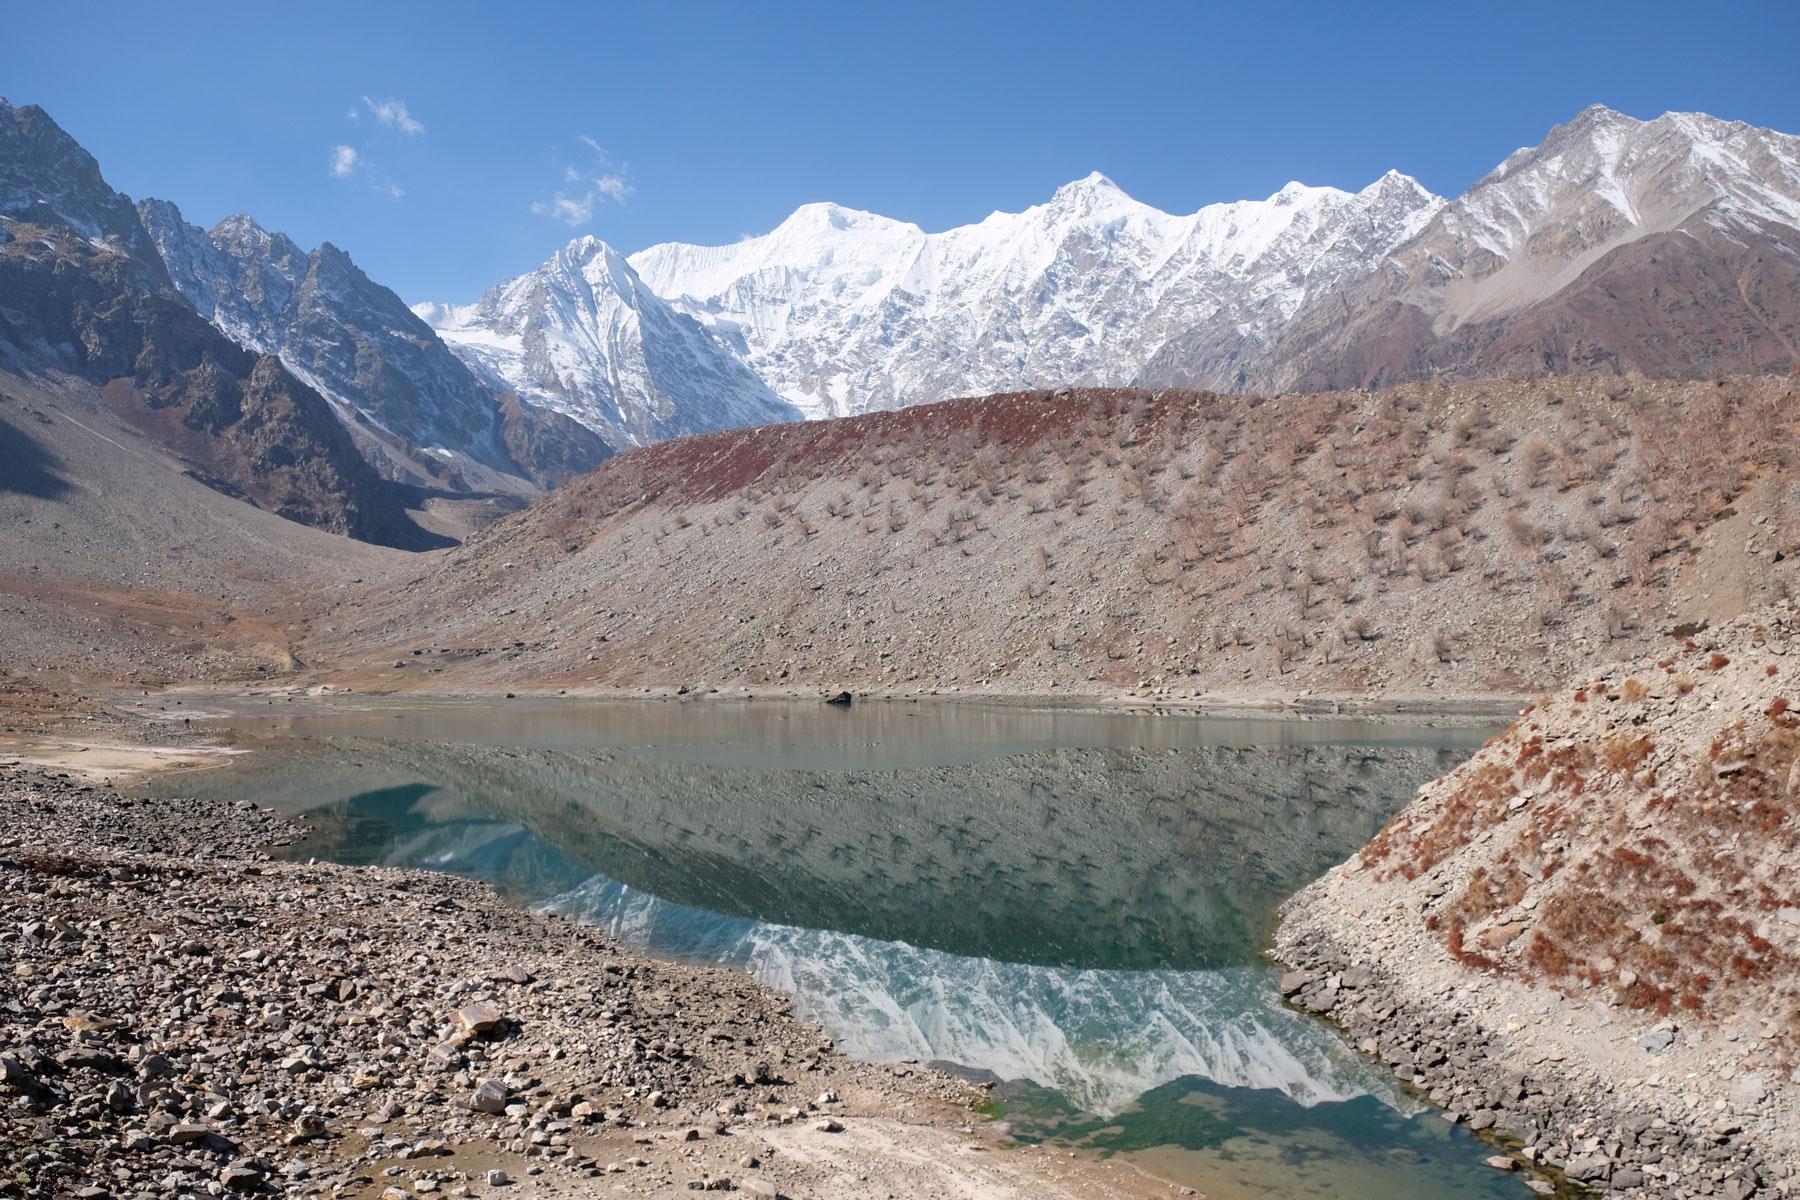 Der Rama Lake hat aktuell einen niedrigen Wasserstand, uns gefällt er trotzdem